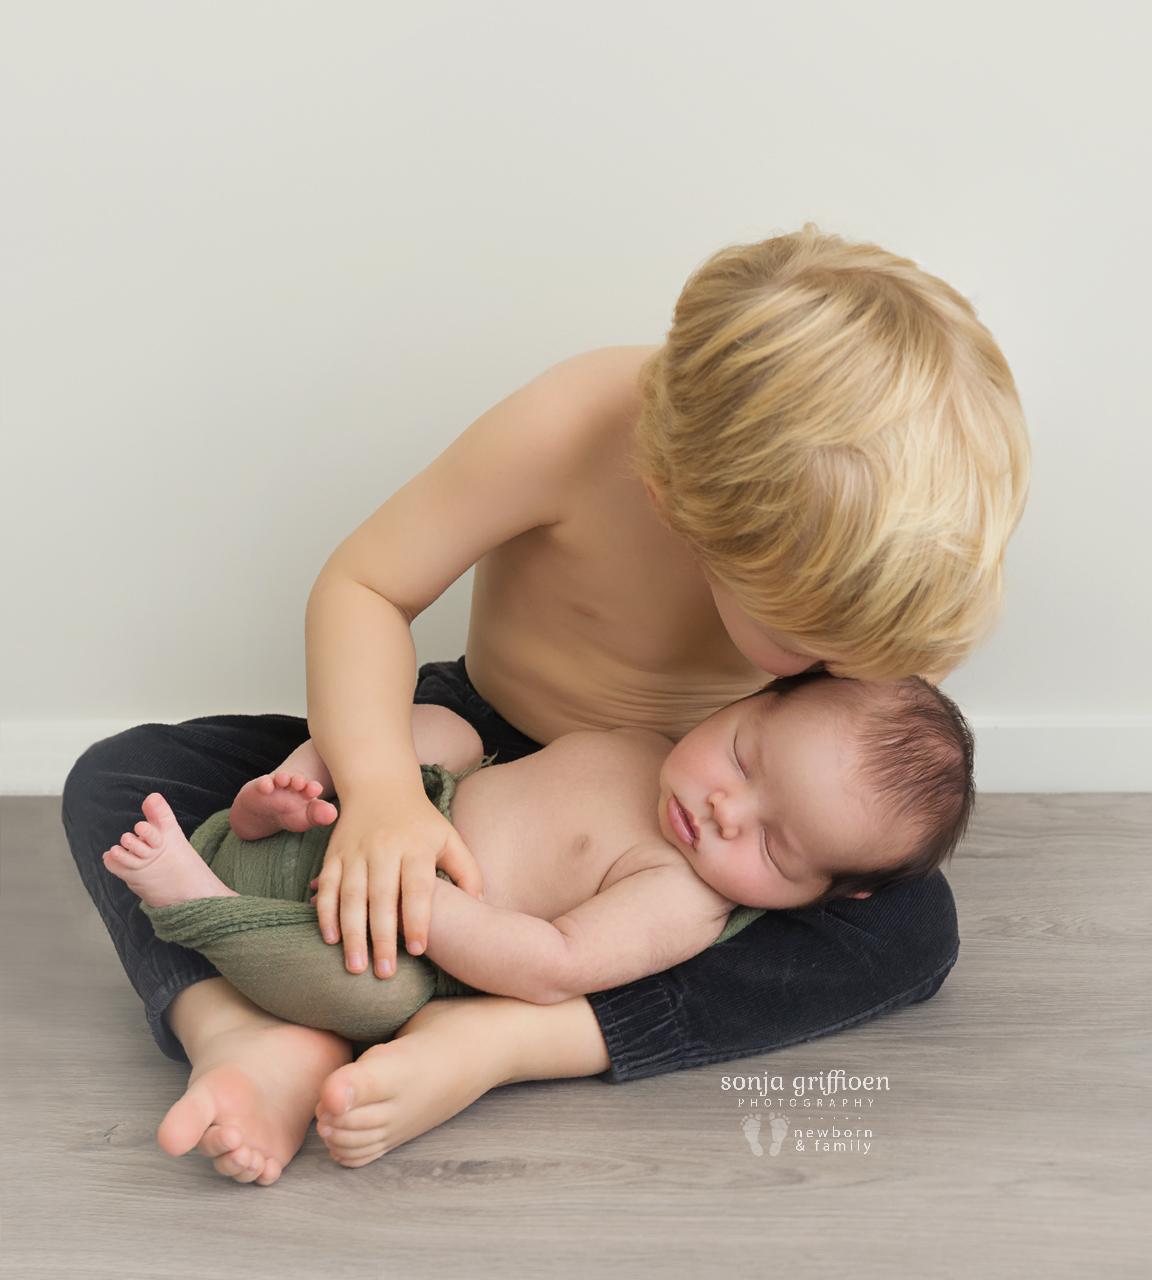 Martien-Newborn-Brisbane-Newborn-Photographer-Sonja-Griffioen-15.jpg